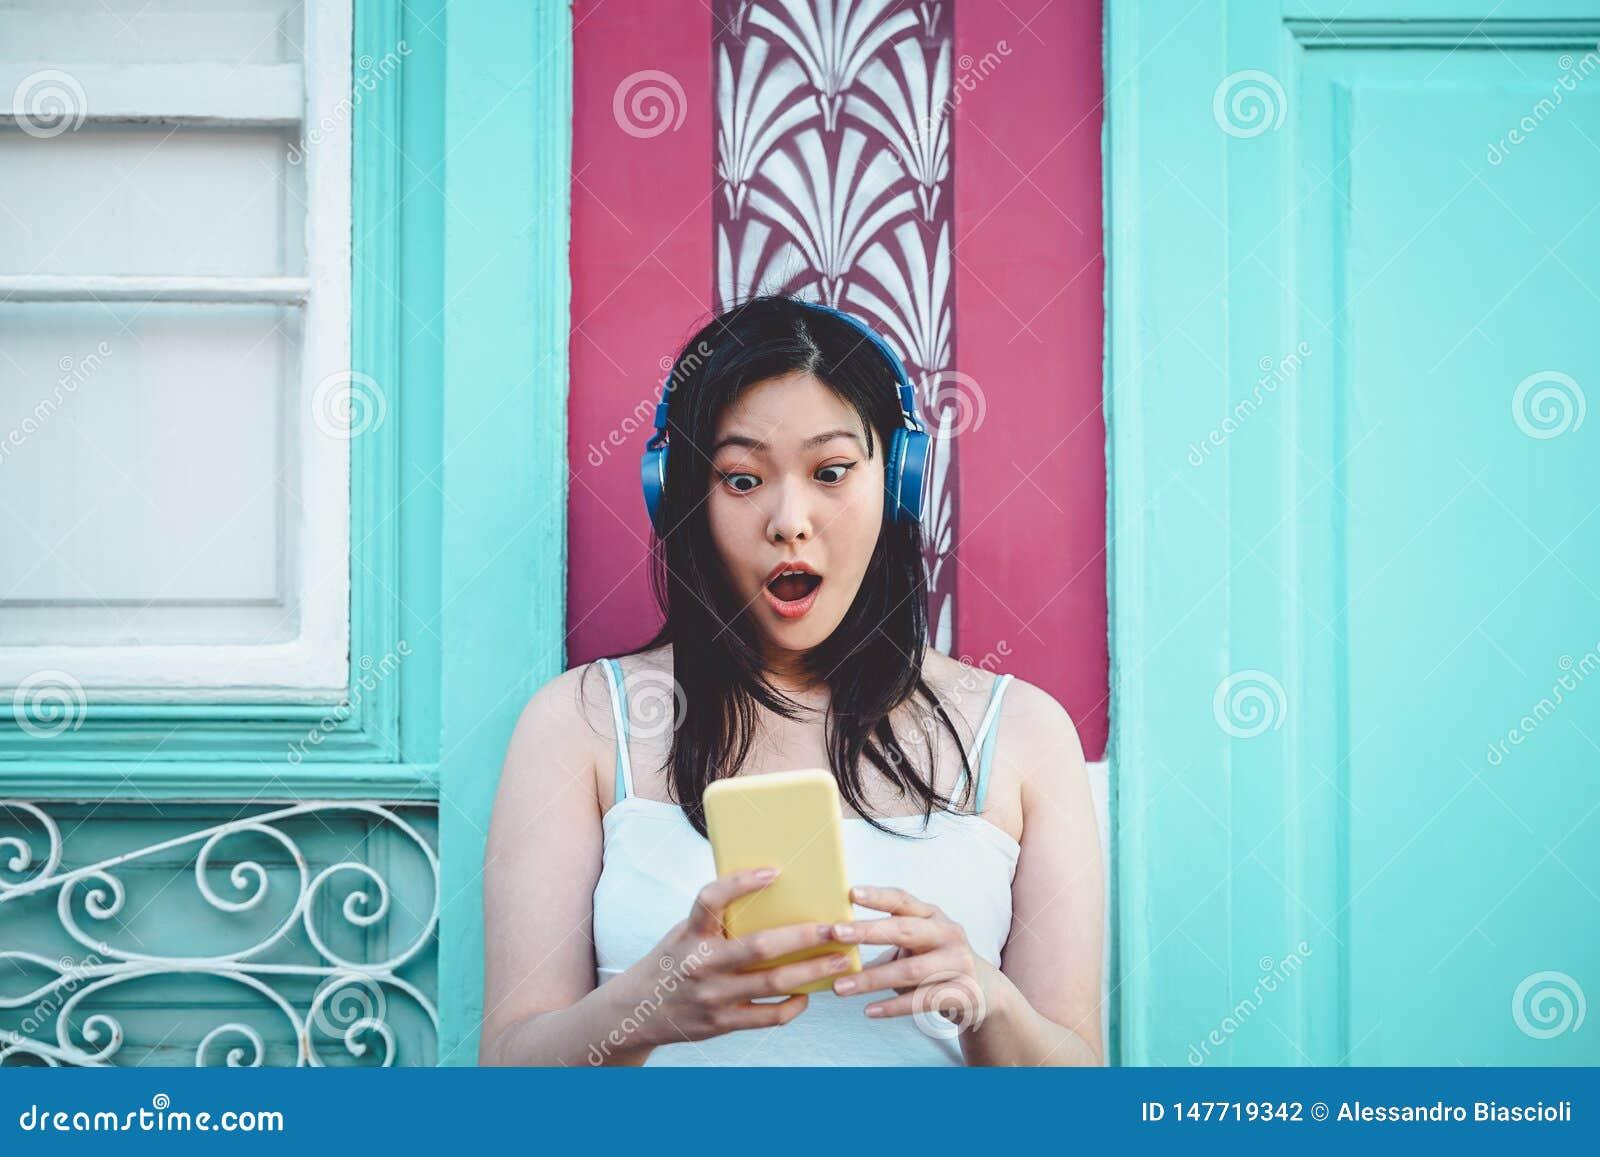 Fille asiatique heureuse ?coutant la musique avec des ?couteurs ext?rieurs - jeune femme chinoise jouant sa musique pr?f?r?e de p